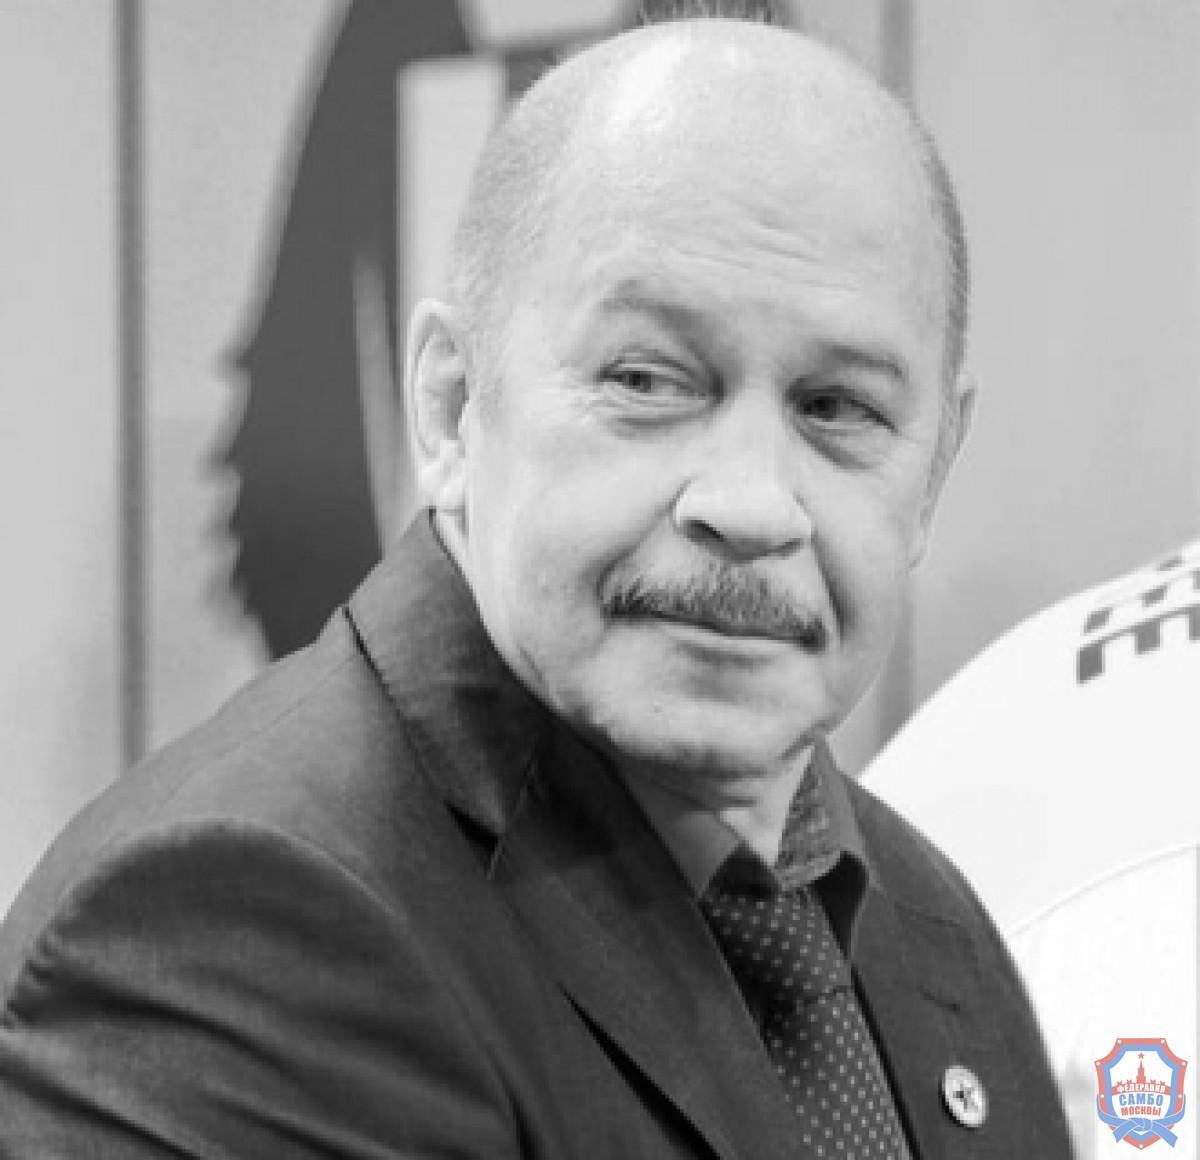 Соболезнования в связи со смертью Шкедова Сергея Григорьевича